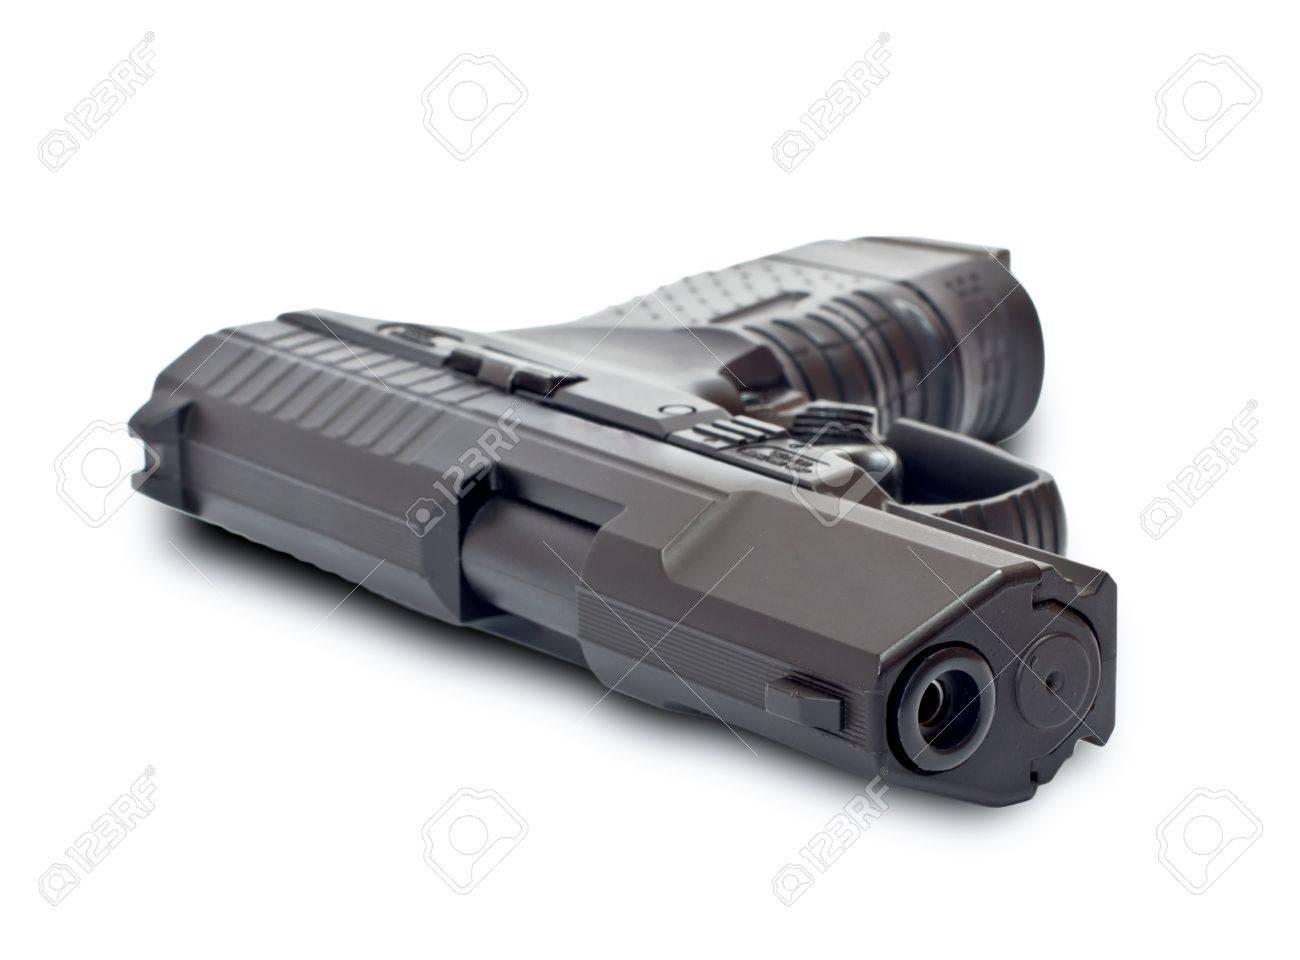 Black gun lying on a white background Stock Photo - 11143628